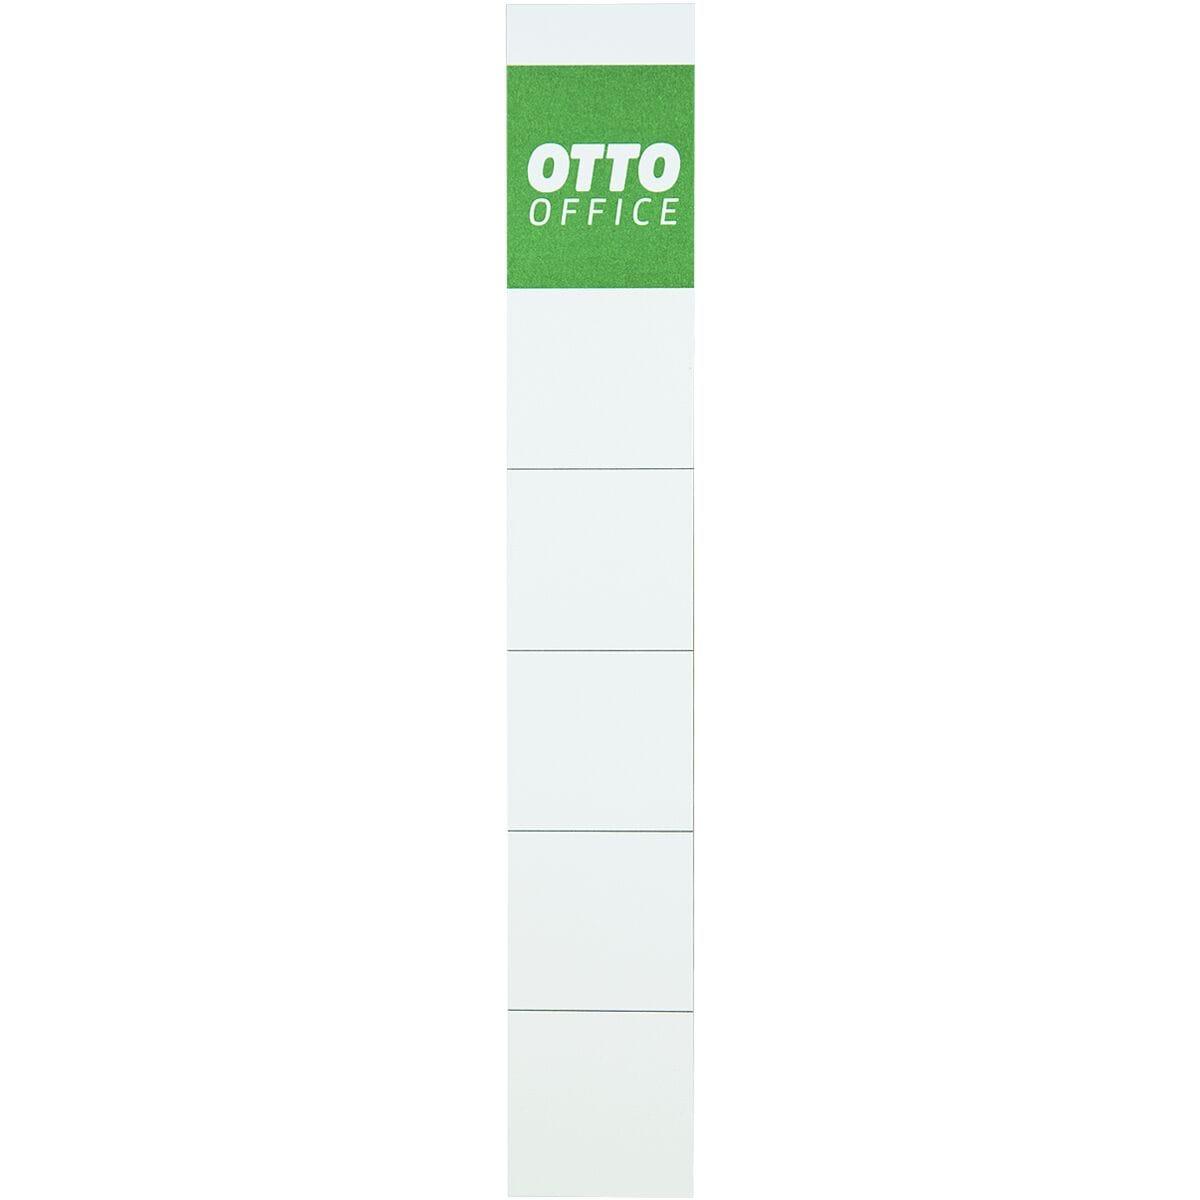 OTTO Office Ordner-Rückenschilder zum Einstecken